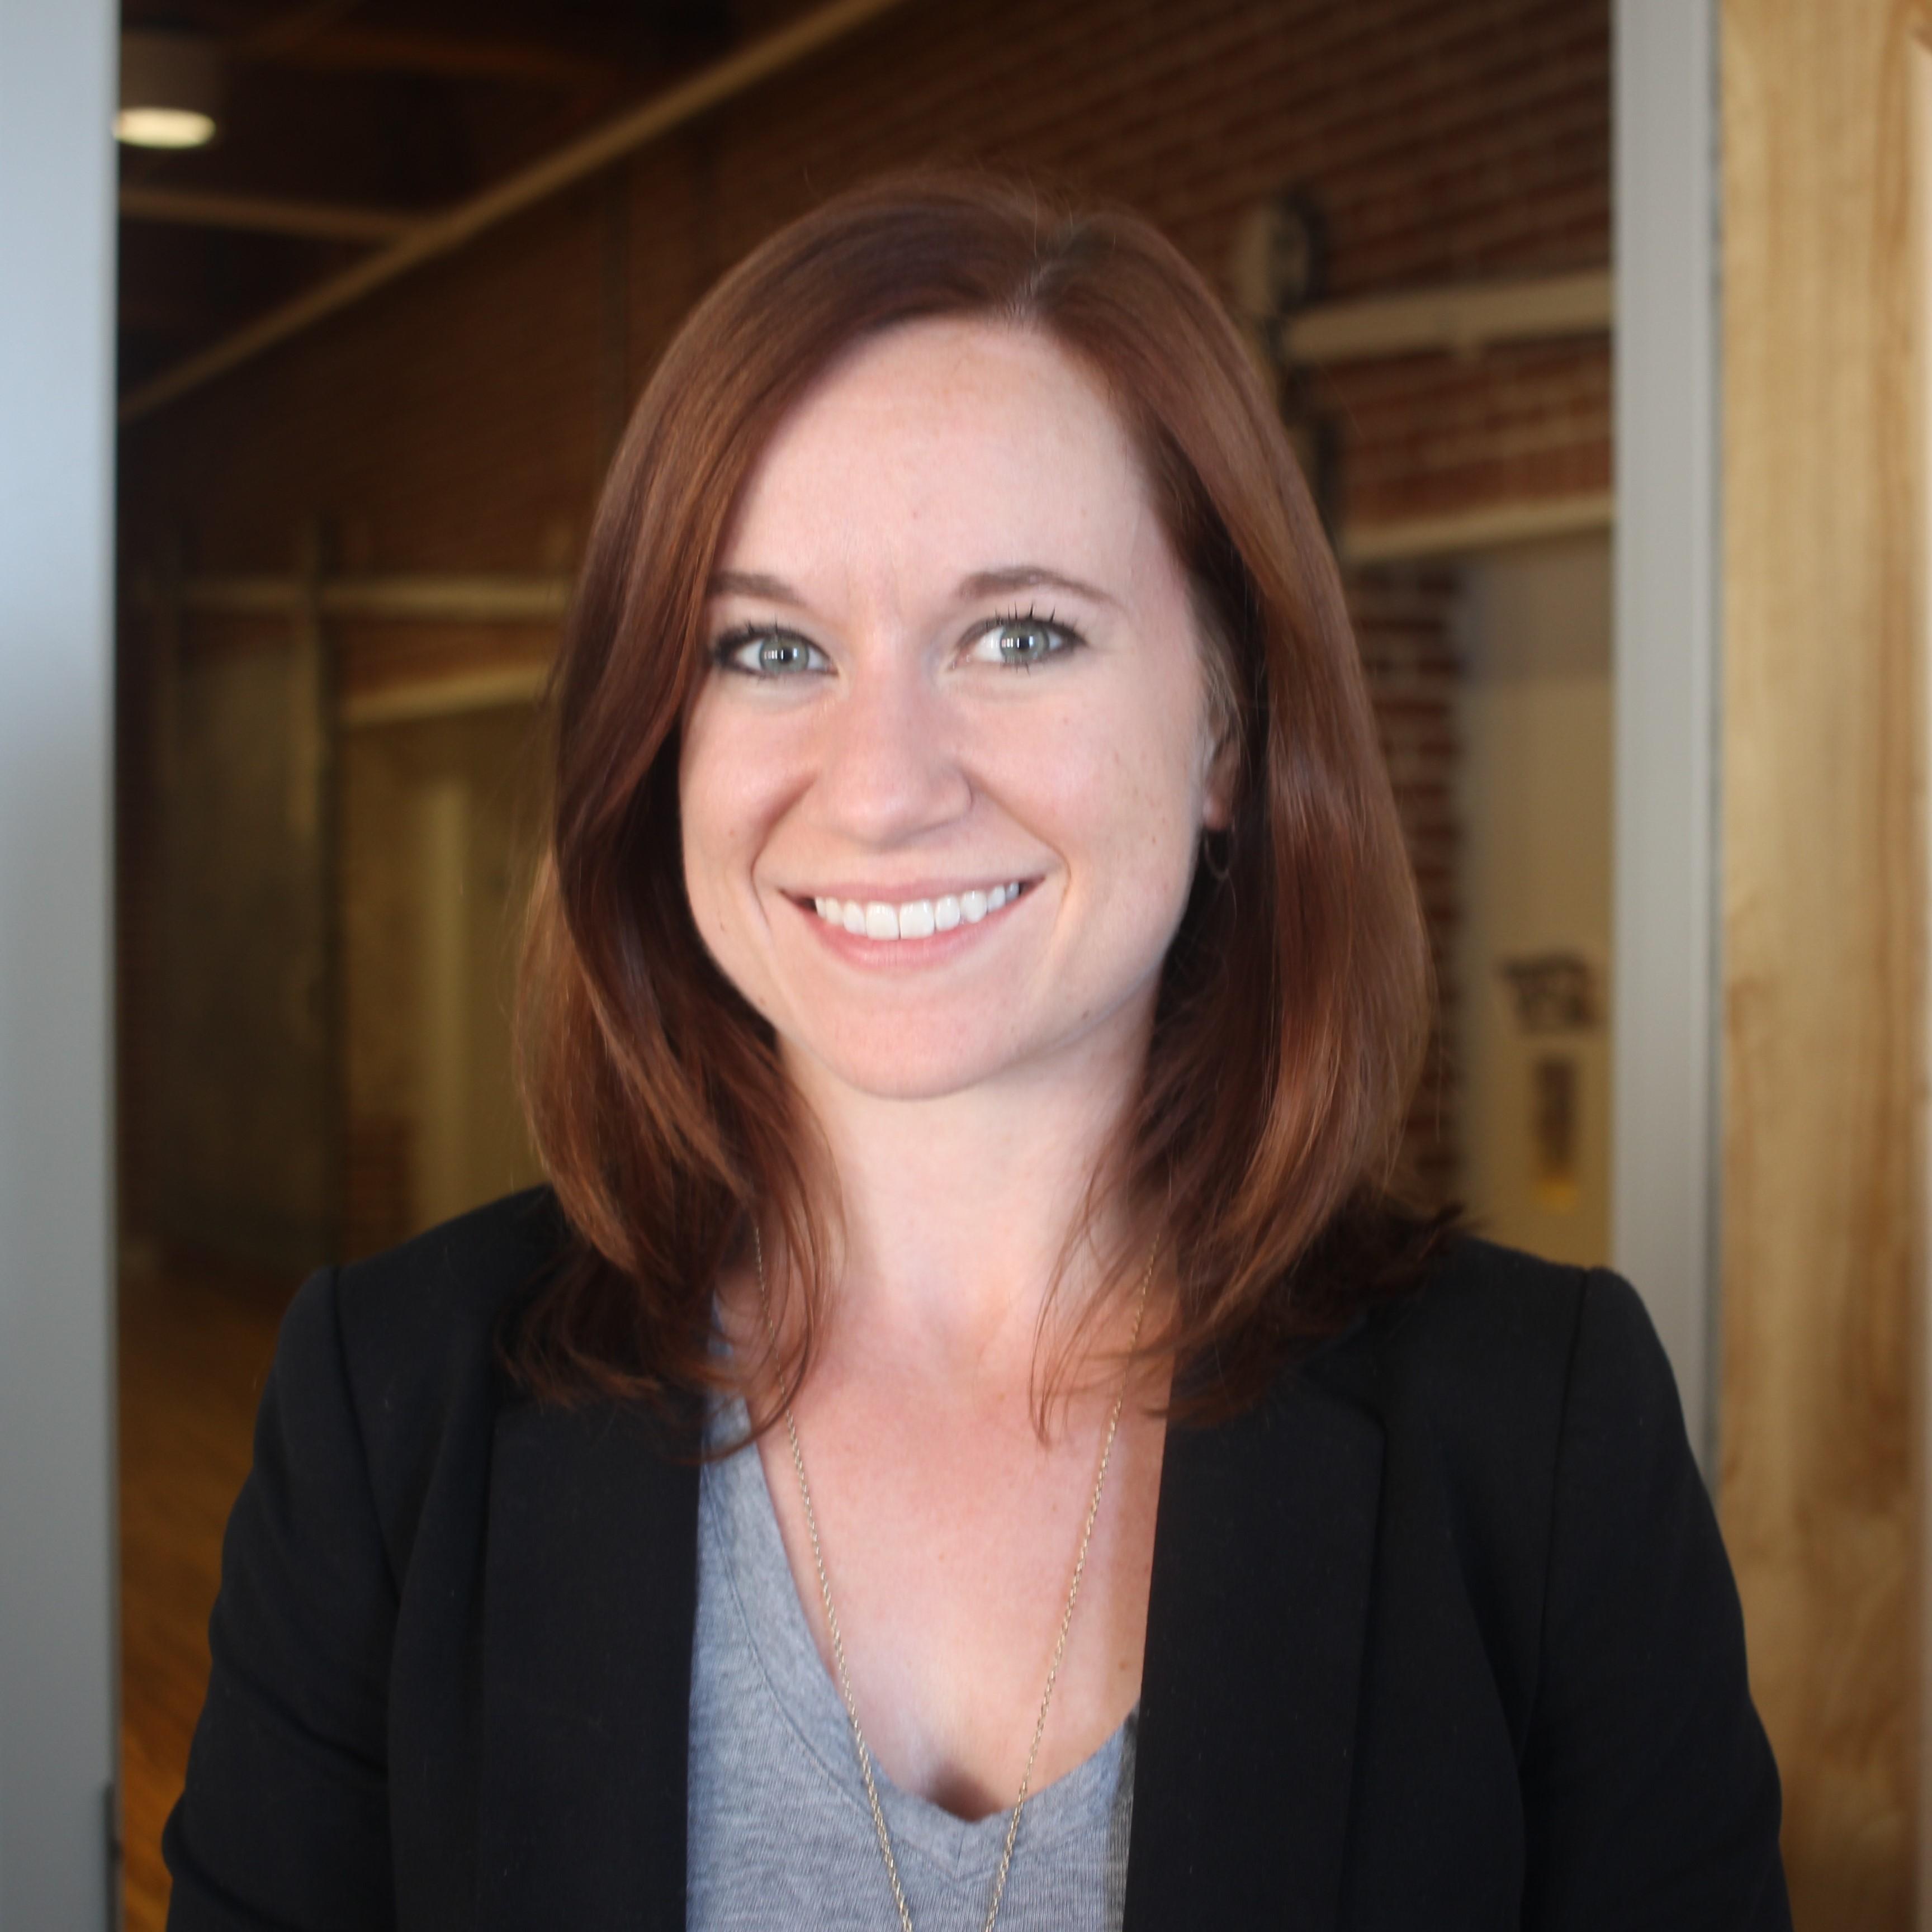 Sarah Garber